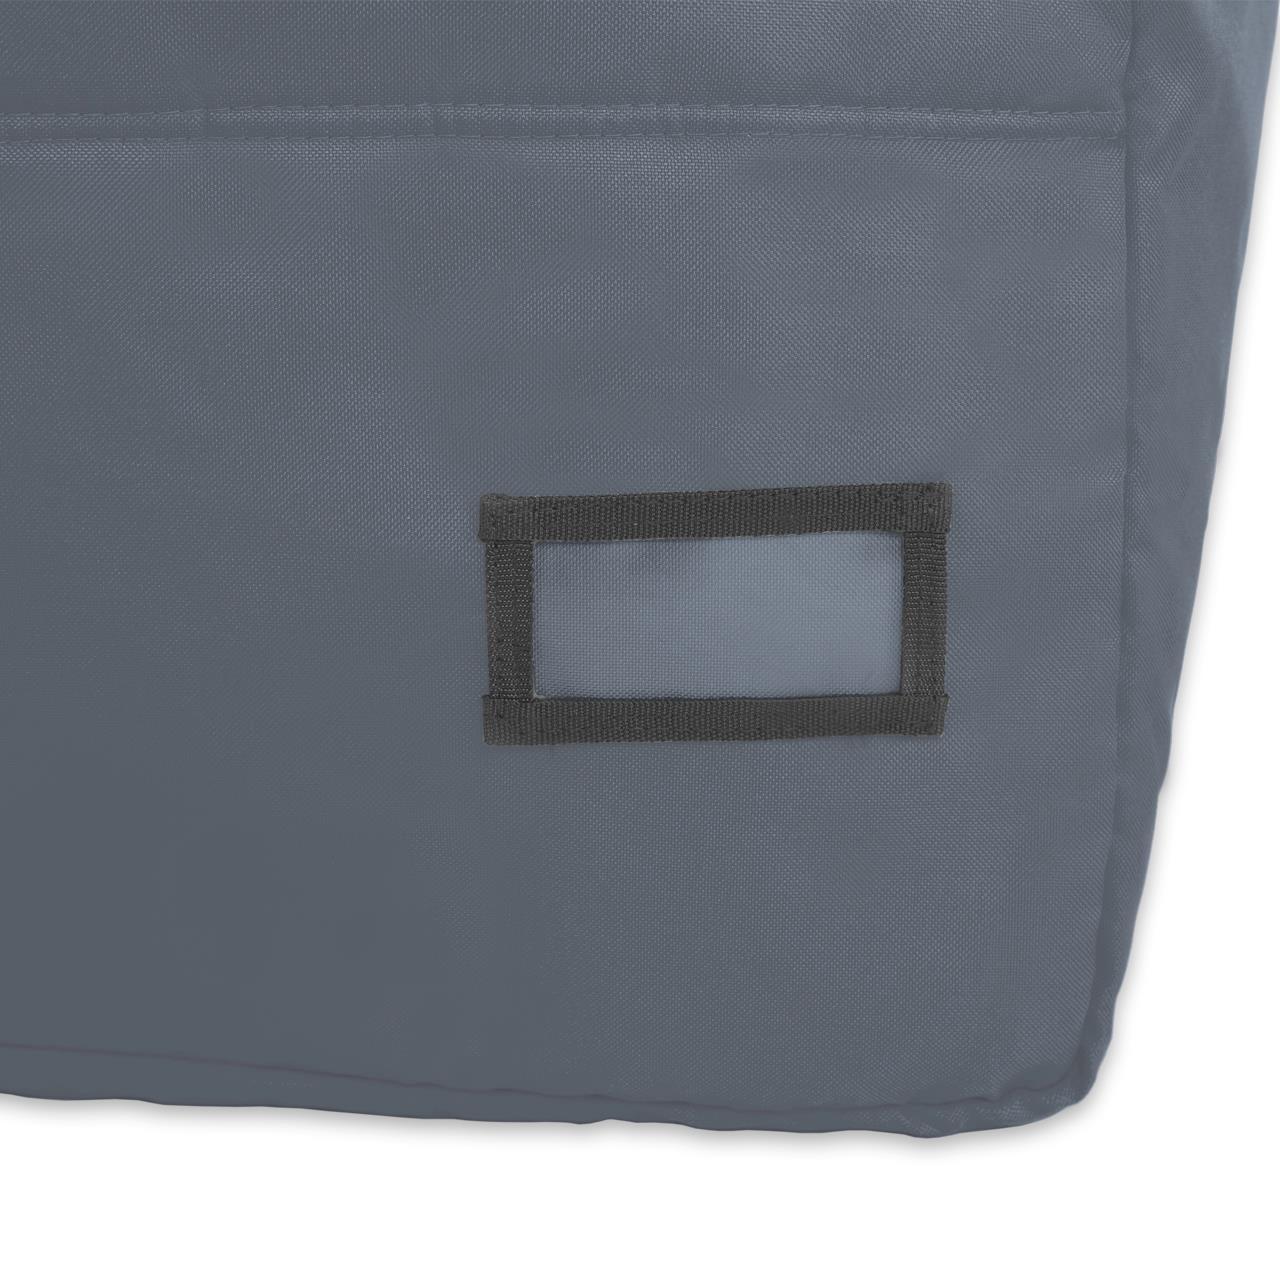 Gepolsterte Transporttasche FX-CT700 & FX-CT800 Grau